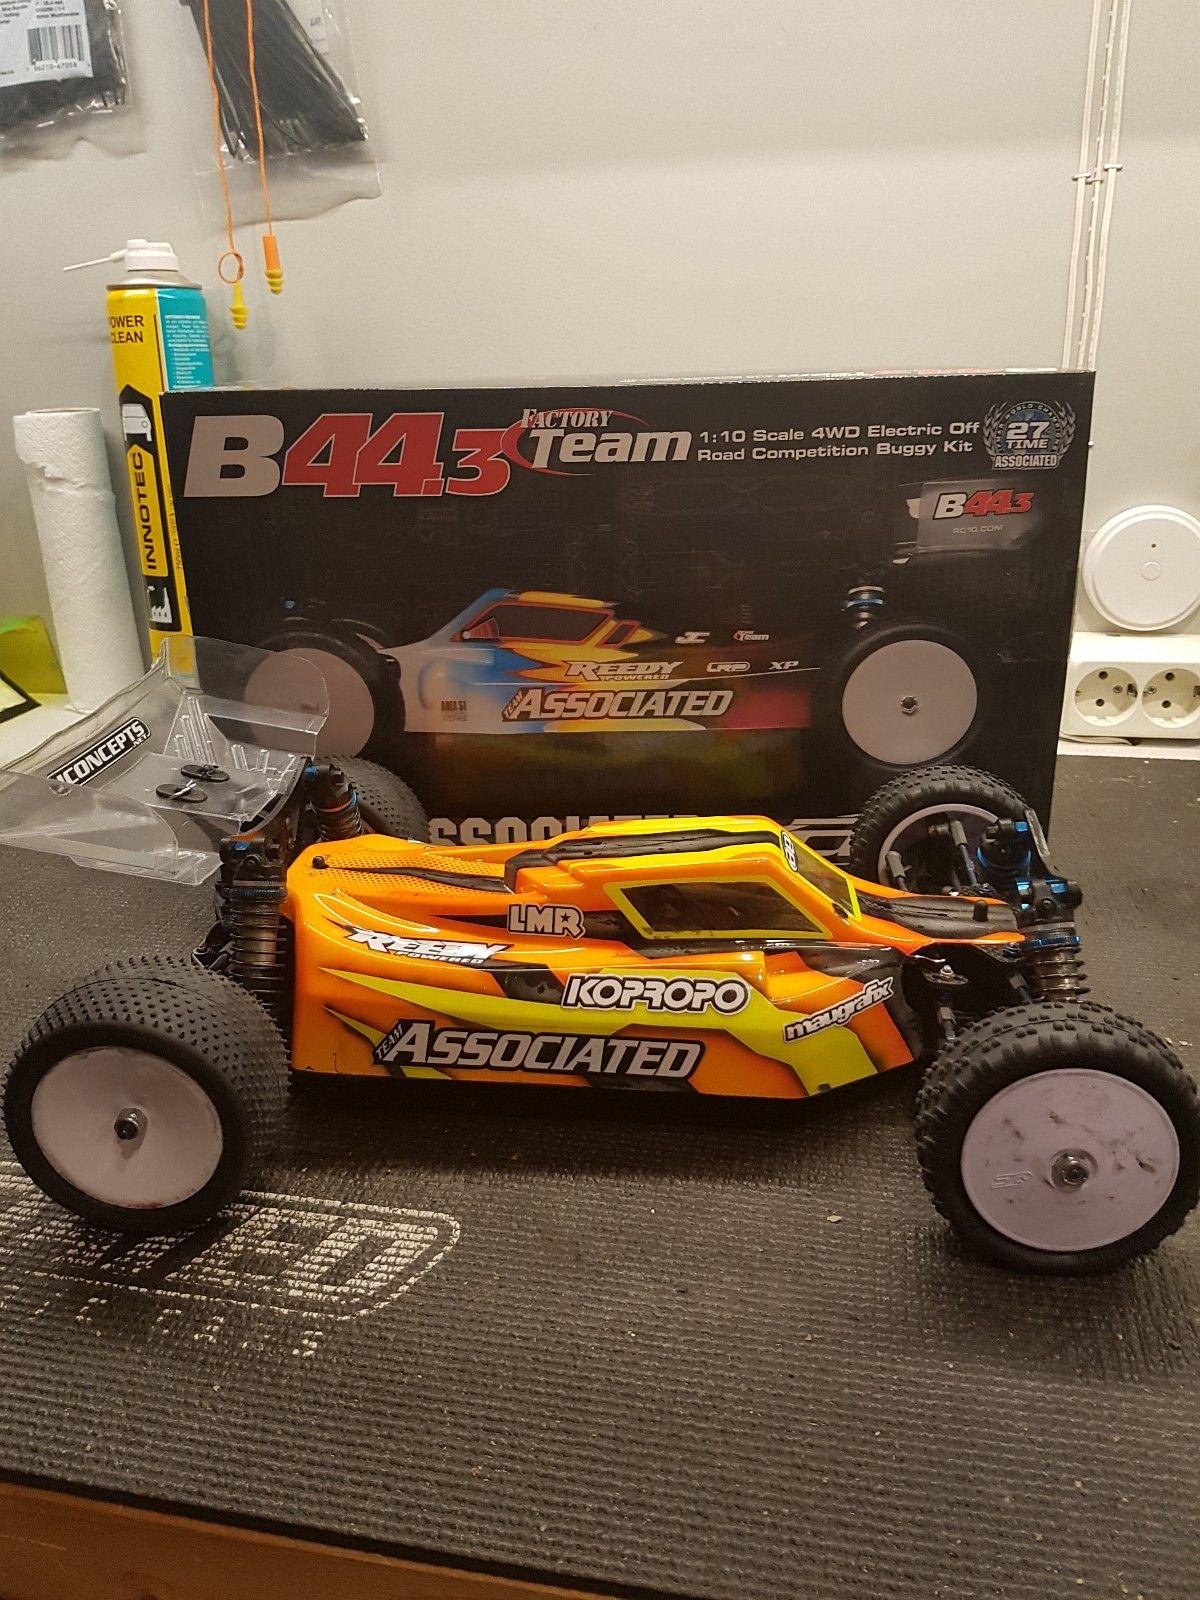 Team Associated B44.3 - Hof  - Team Associated B44.3 til salgs. Bilen selges med Orion fartsregulator og Orion servo. Dette er konkuranse bil som er passet godt på. Det følger også med et batteri fra Reedy og noen dekk. Her er det bare og sette inn mottager og radio så er de - Hof